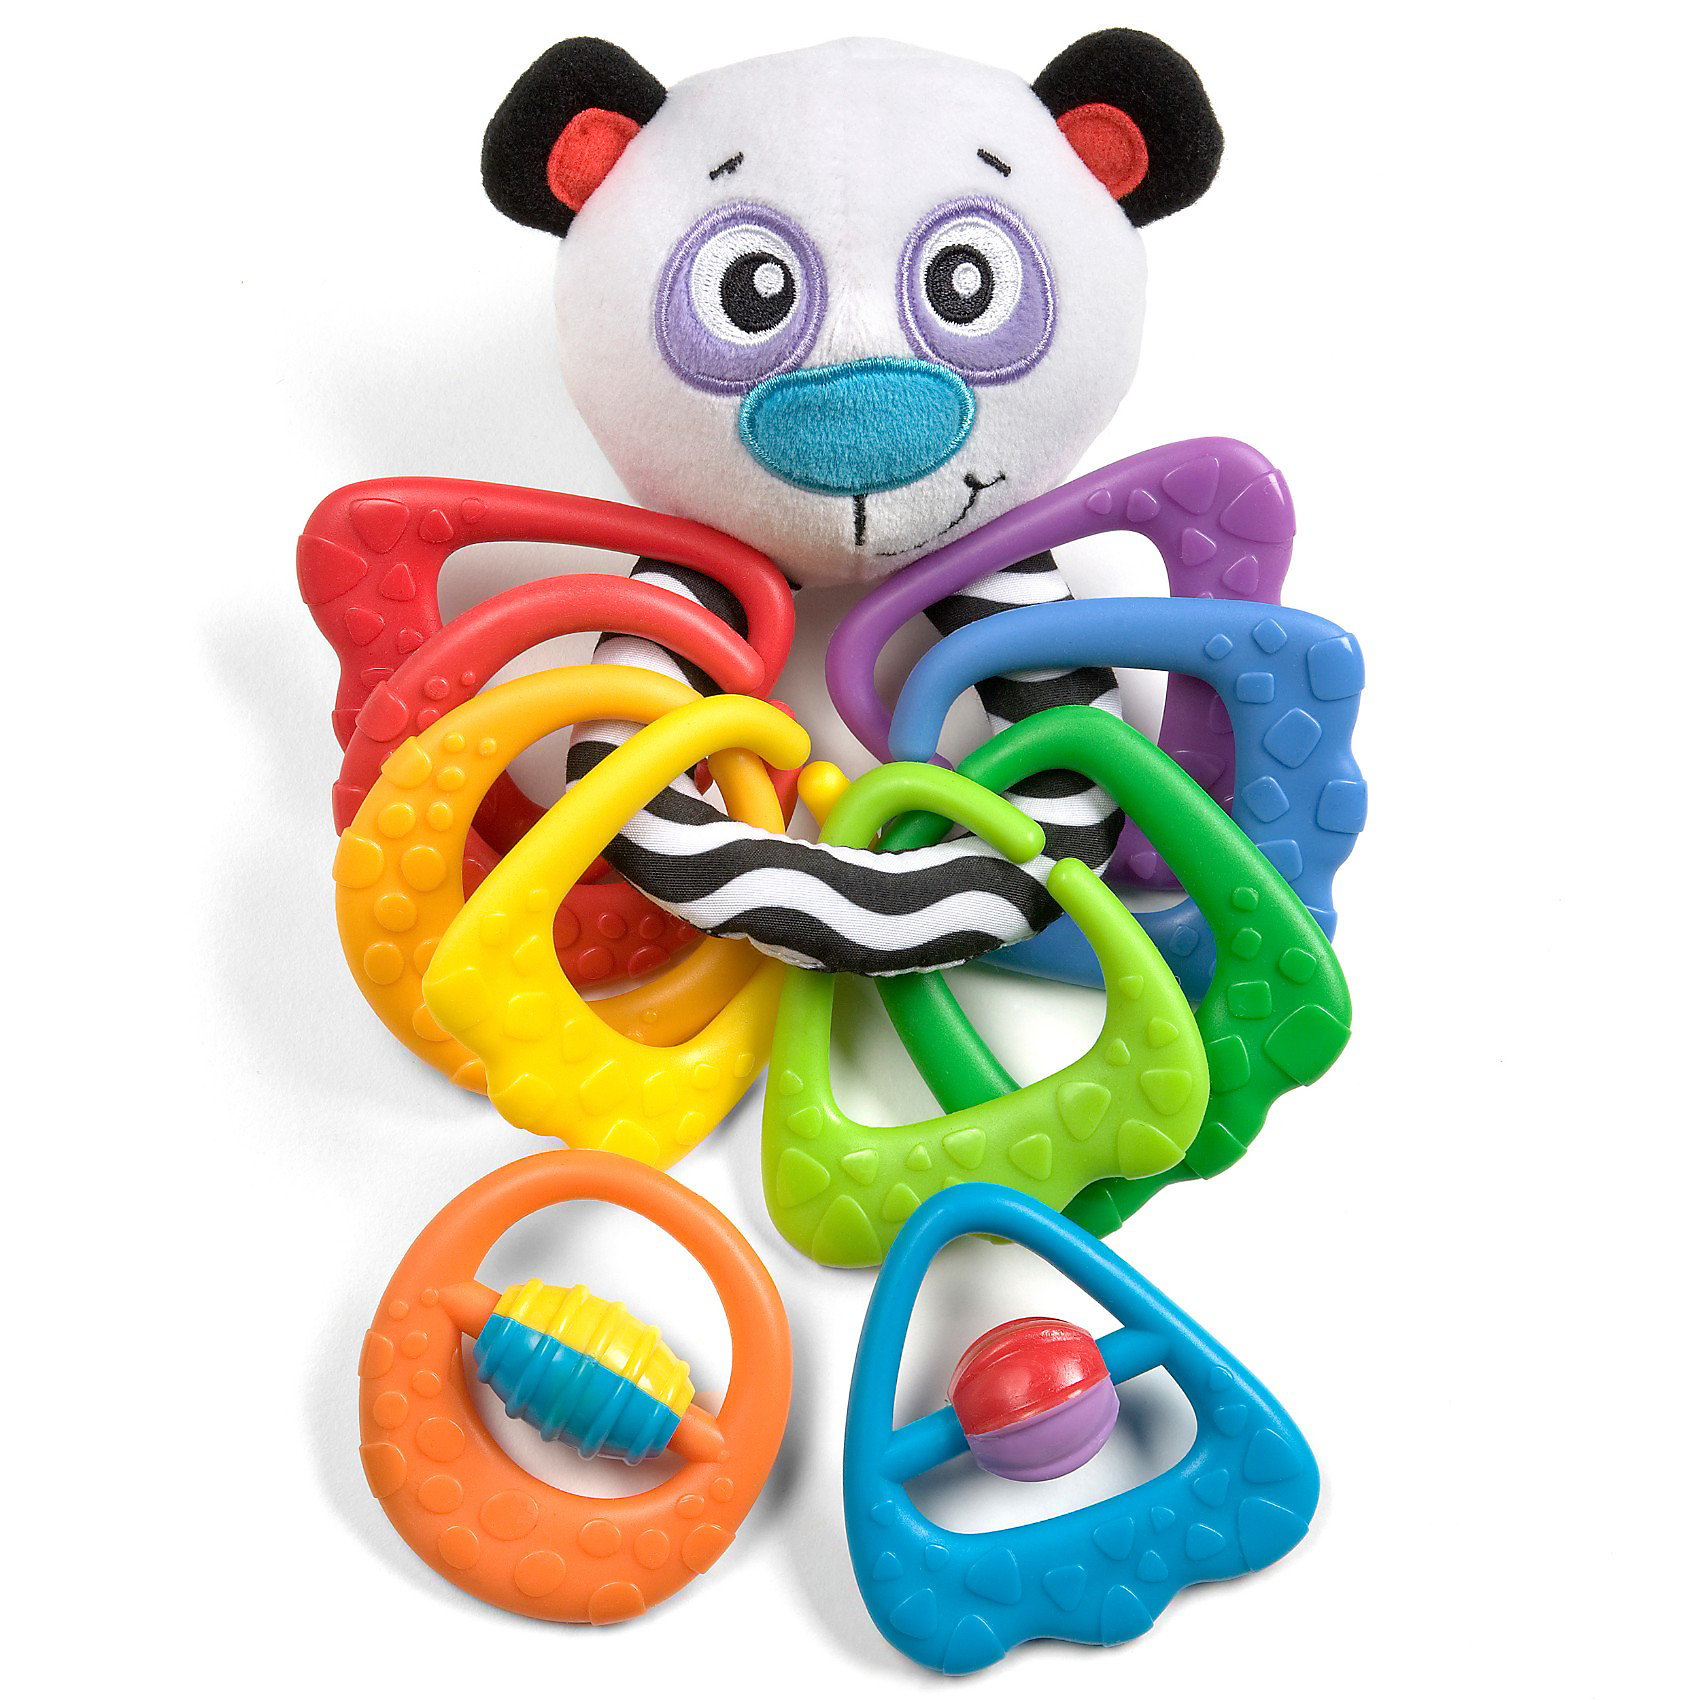 Игрушка-прорезыватель Панда PlaygroПрорезыватели<br>Игрушка-прорезыватель Панда Playgro (Плейгро) - яркая и необычная игрушка 2 в 1!<br><br>Перед вами целый игровой набор, который сочетает в себе элементы из разных материалов:<br><br>Панда выполнена из текстильных материалов различной фактуры. В голове симпатичной пандочки находится погремушка. А Вашему малышу будет удобно держать ее за специальное полосатое колечко, прикрепленное к голове.<br><br>10 разноцветных рельефных колечек-прорезывателей прикреплены к игрушке. Восемь незамкнутых колечек можно отсоединять и крепить друг к другу в любой последовательности. А два замкнутых колечка-прорезывателя имеют вращающиеся элементы в центре.<br><br>Игрушка способствует развитию моторики, координации, тактильных ощущений.<br><br>Игрушку-прорезыватель Панда Playgro можно купить в нашем интернет-магазине.<br><br>Ширина мм: 190<br>Глубина мм: 80<br>Высота мм: 288<br>Вес г: 400<br>Возраст от месяцев: 0<br>Возраст до месяцев: 36<br>Пол: Унисекс<br>Возраст: Детский<br>SKU: 2487982